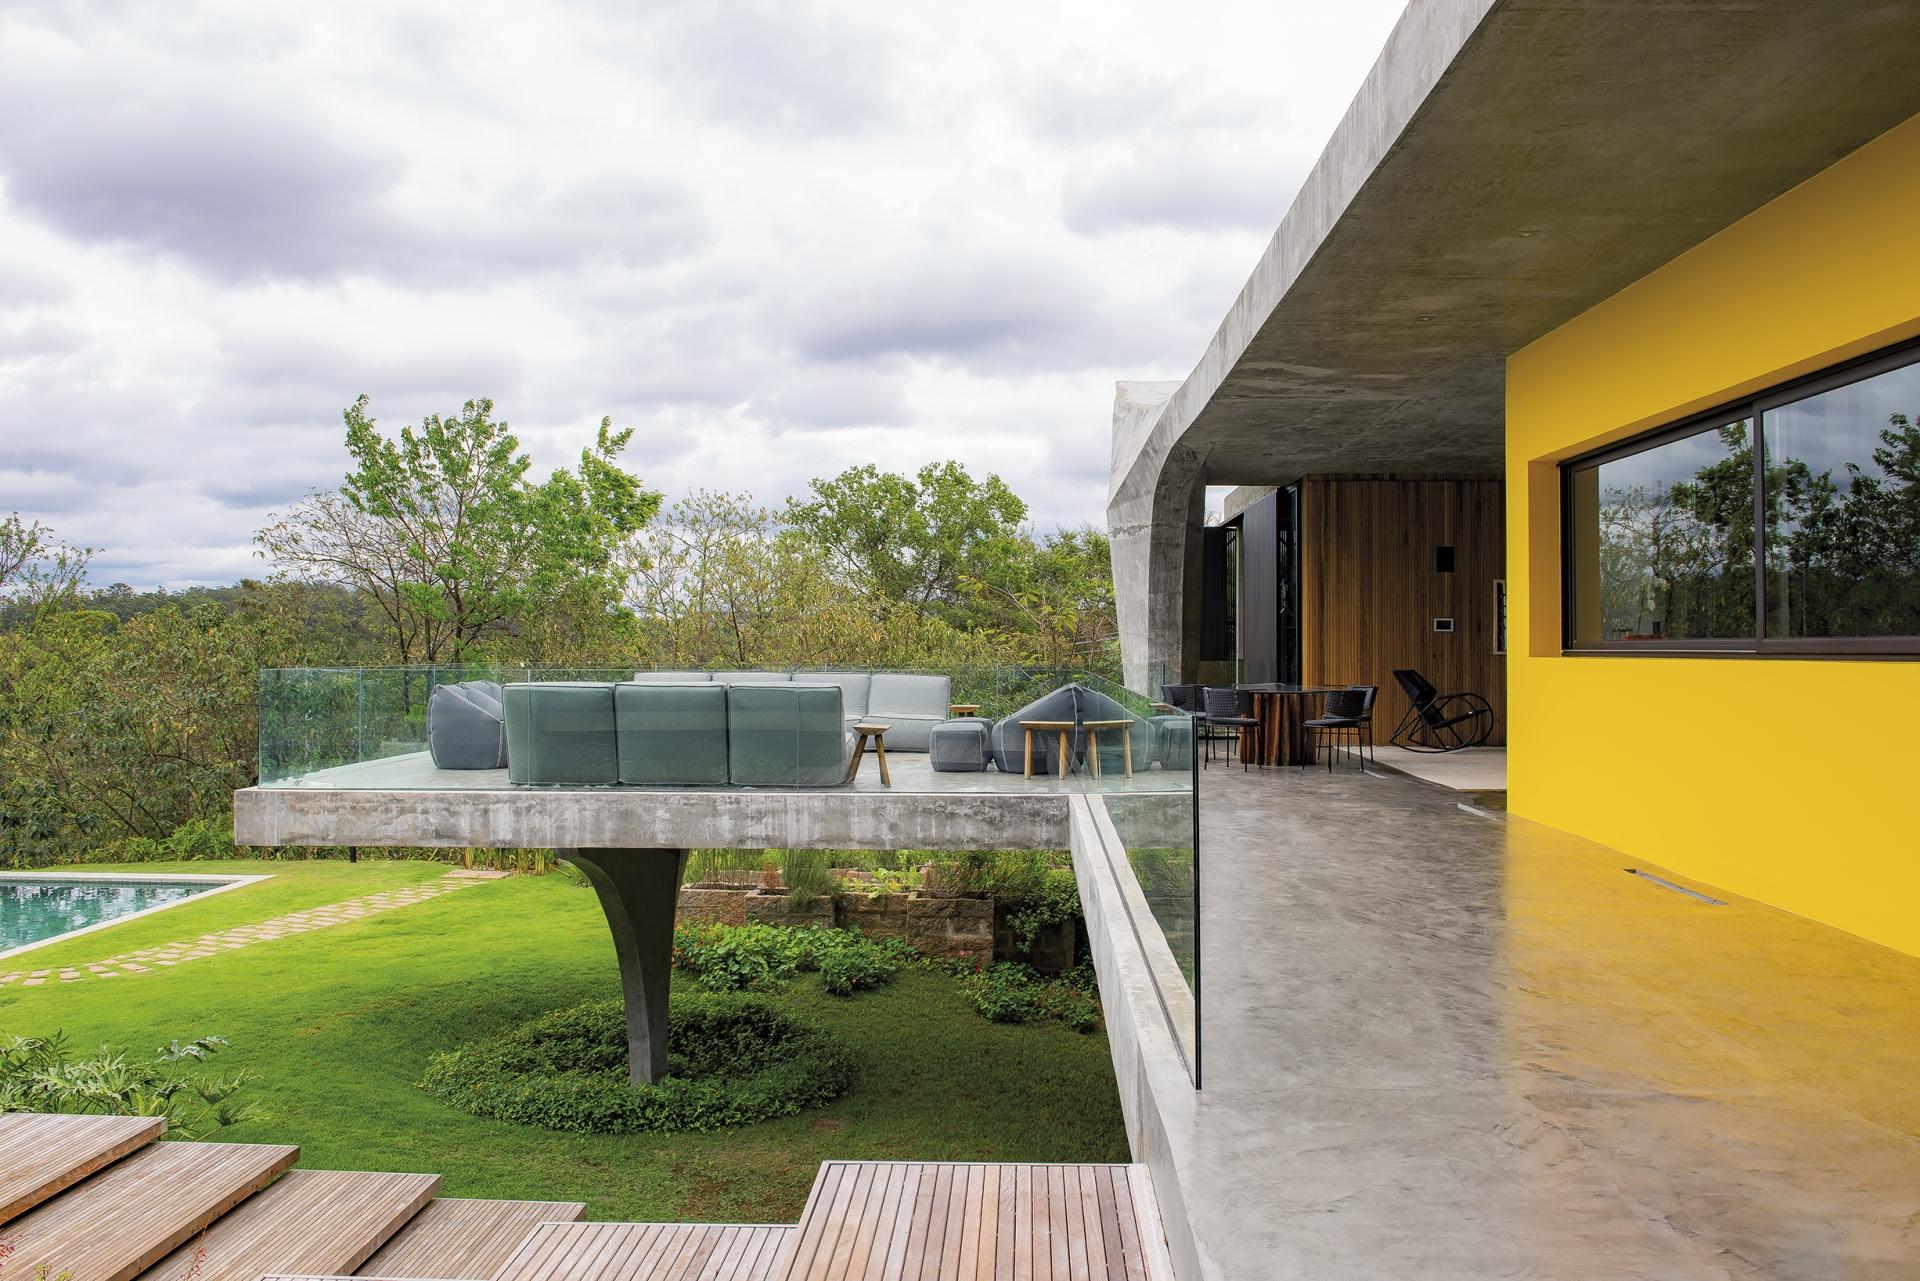 casa_mais_linda_designalive-21